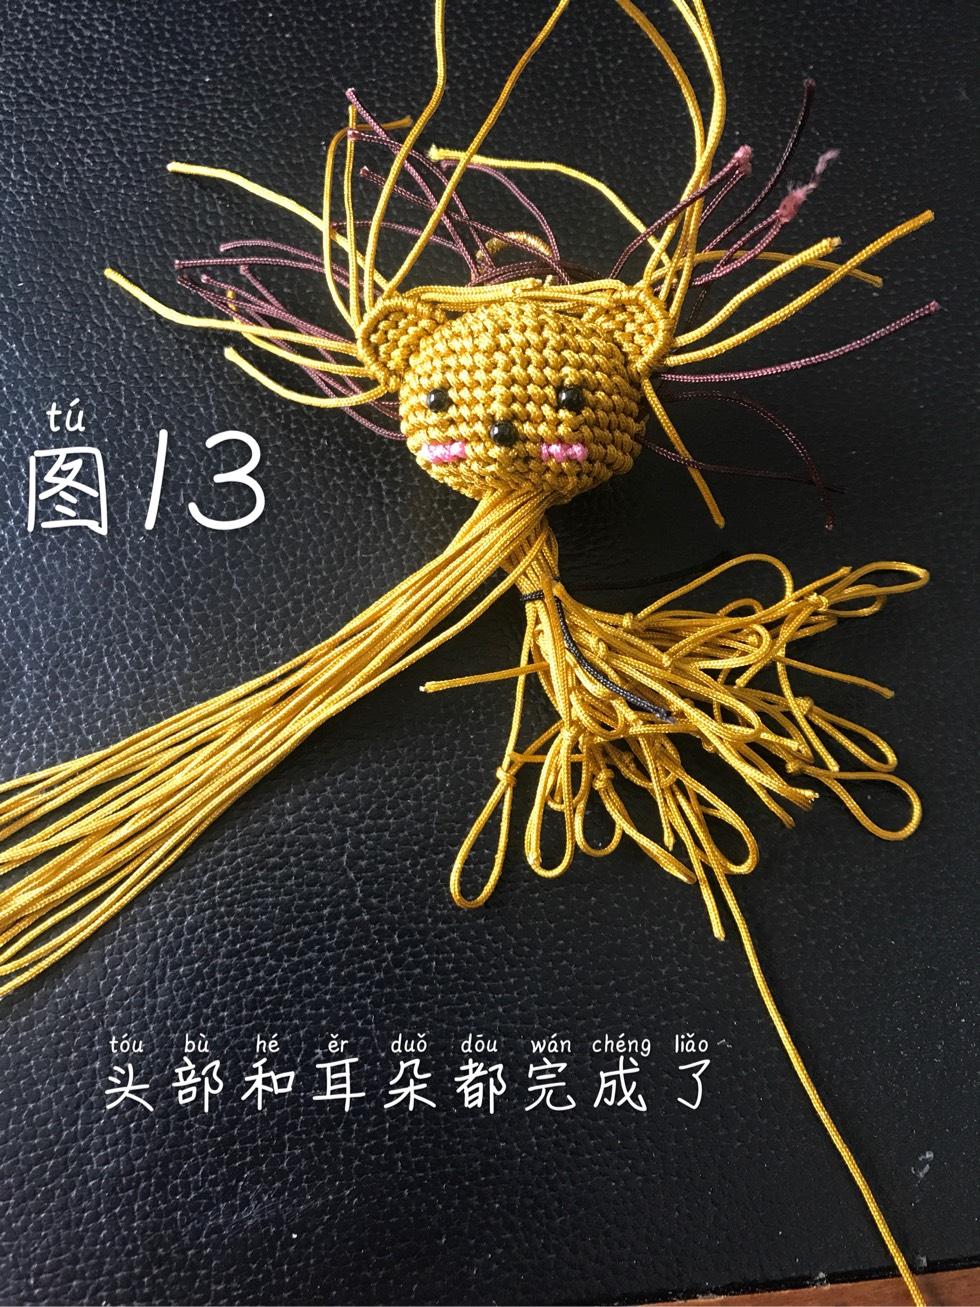 中国结论坛 嗷呜嗷呜的大狮子  图文教程区 193633mvzss581svmsfnws